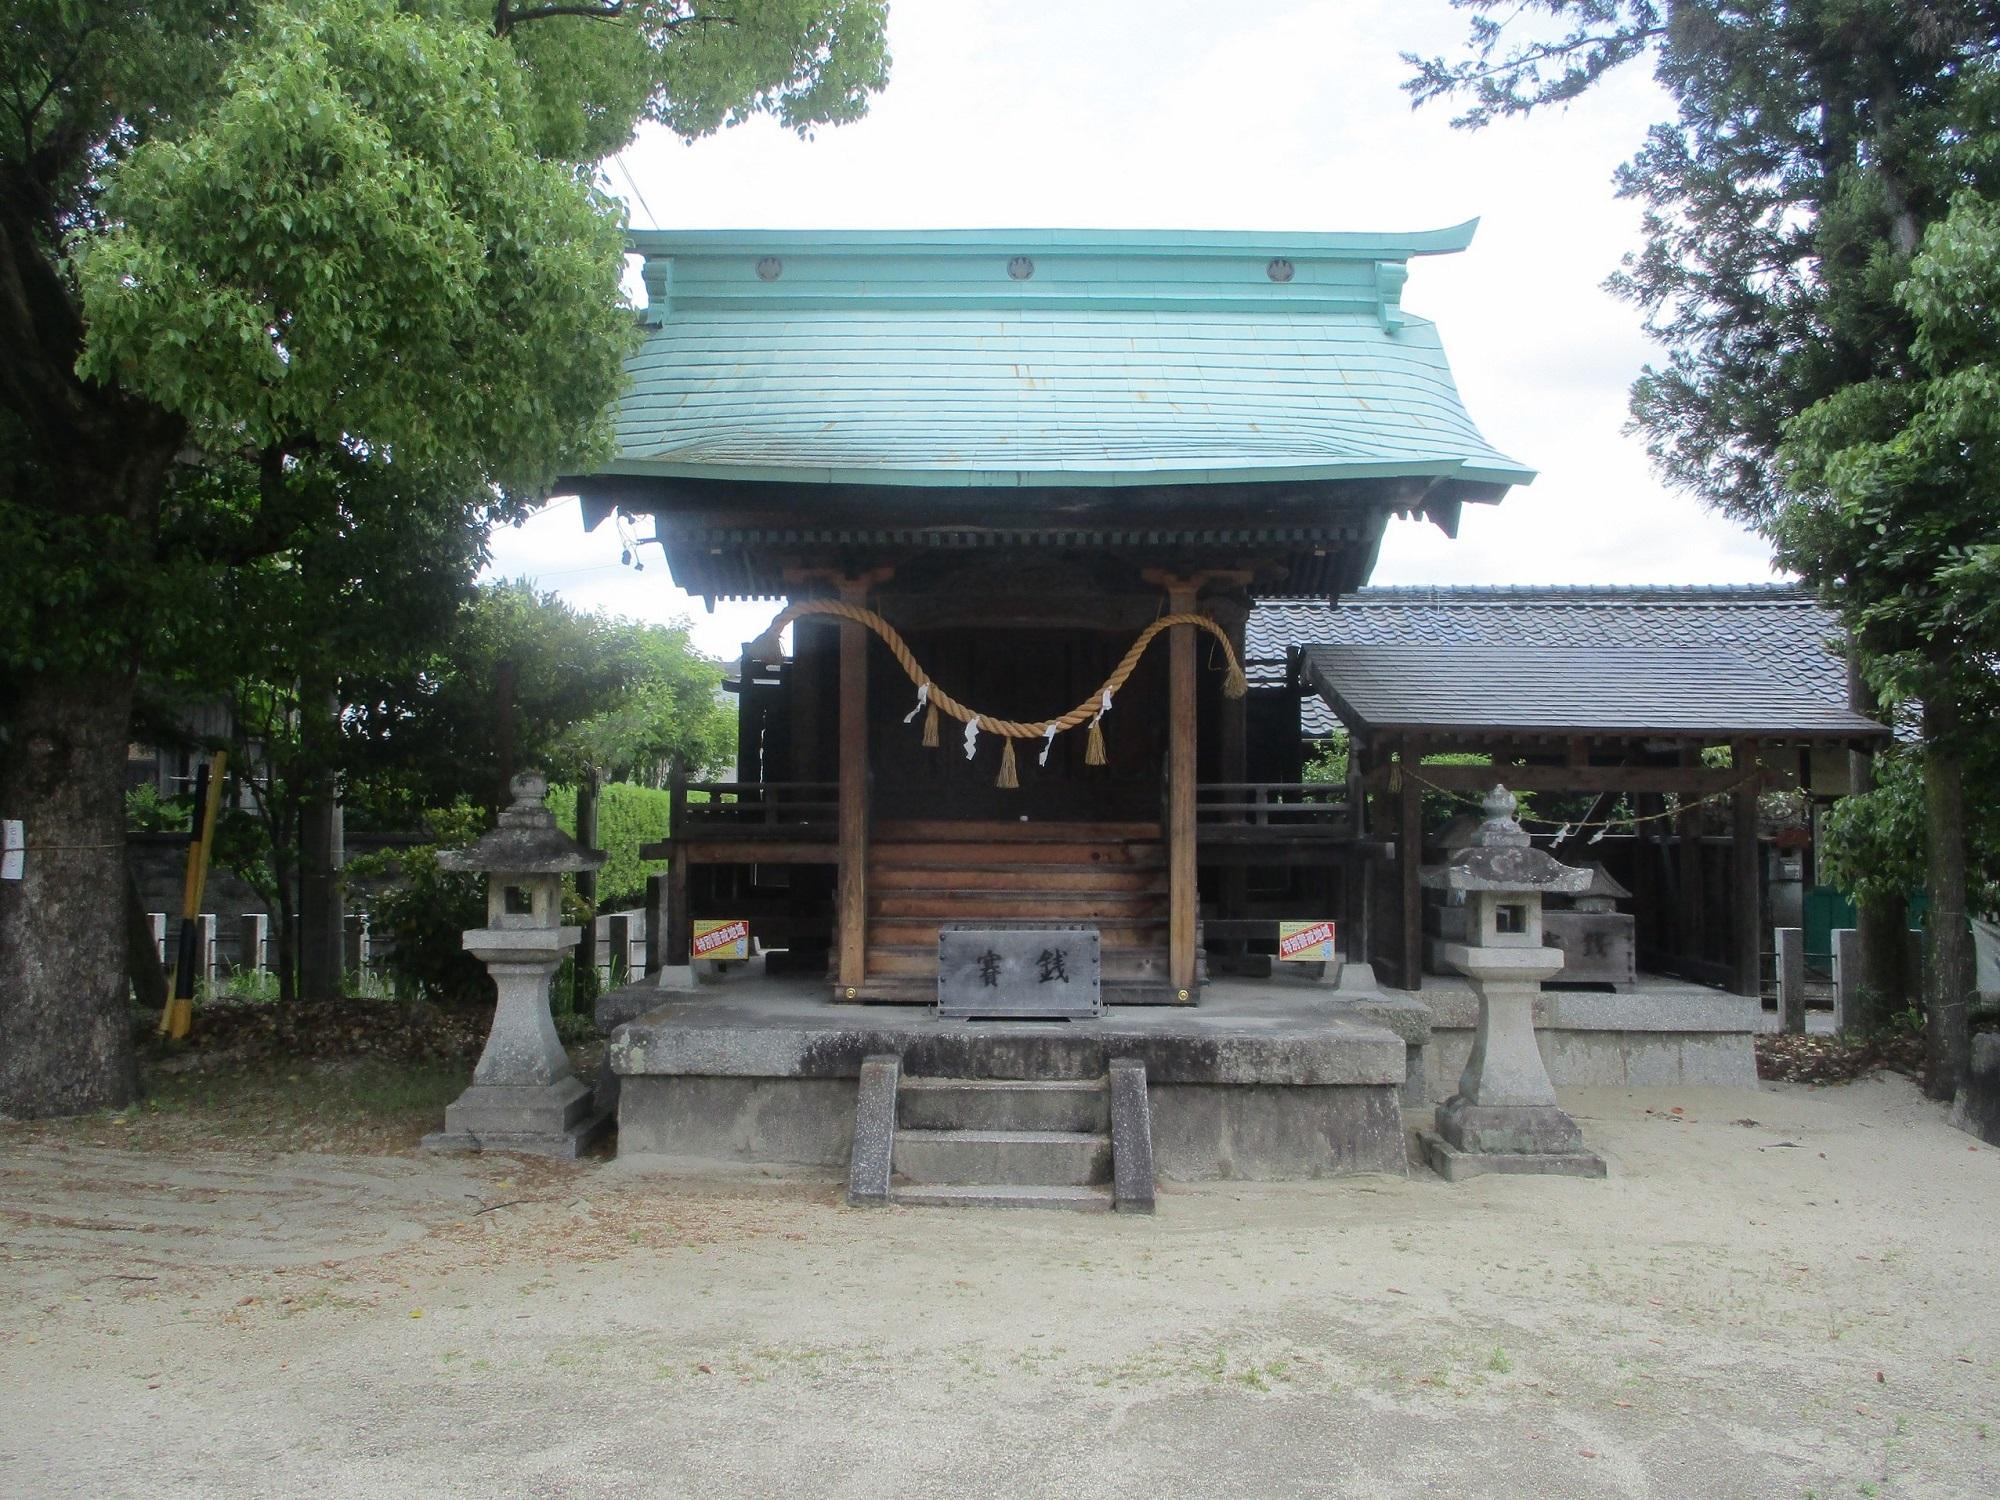 2020.5.27 (19) 鷲取神社 - たぶん津島神社 2000-1500